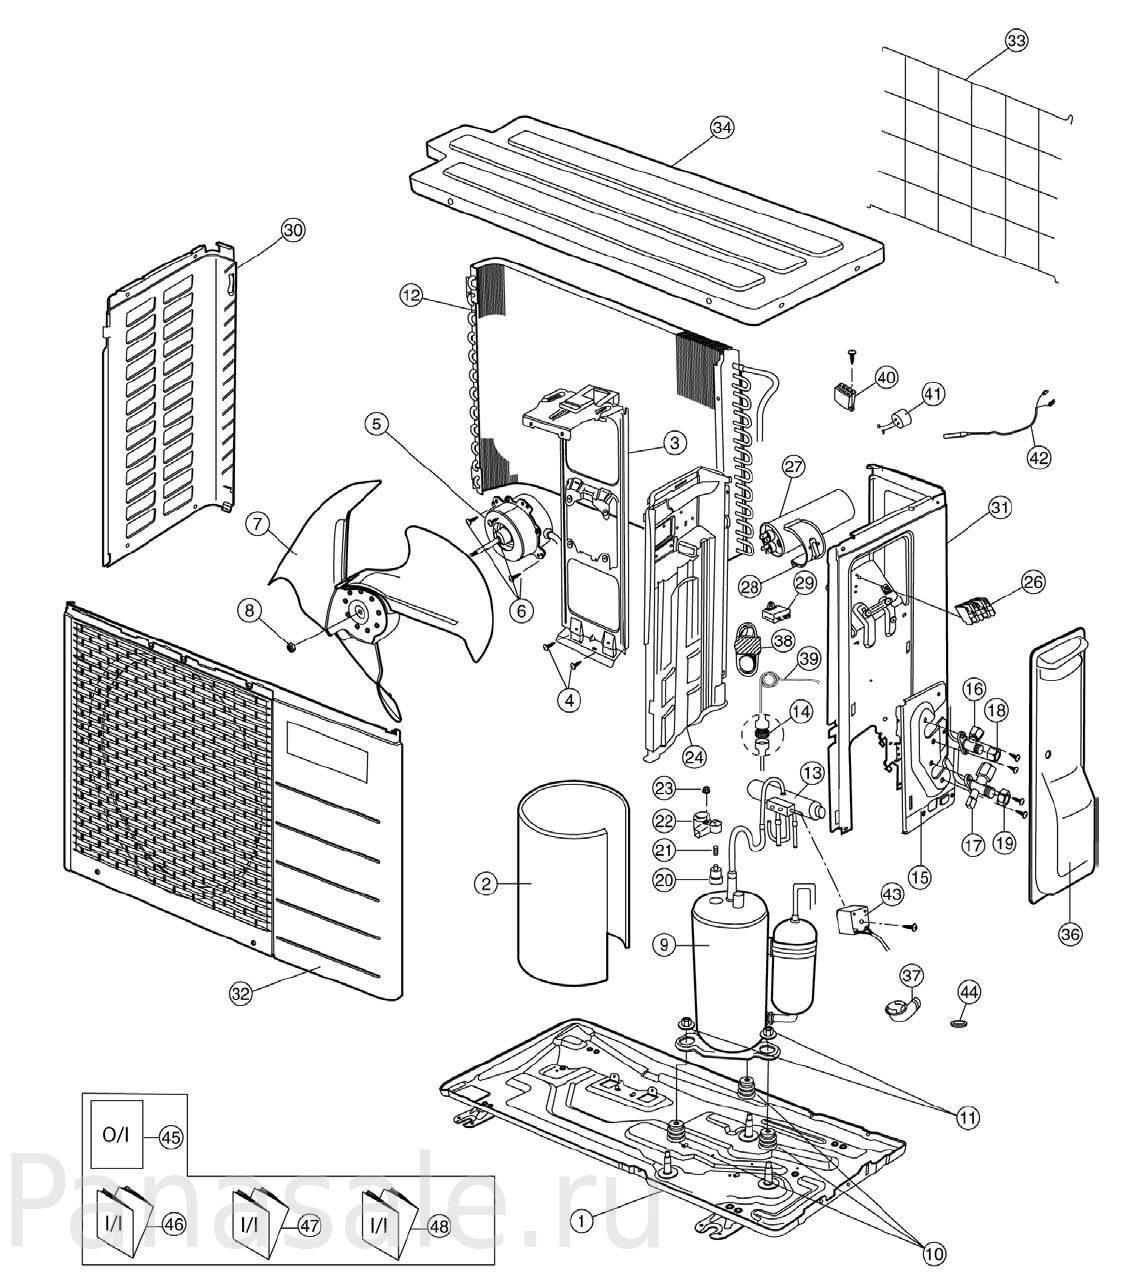 инструкция на panasonic kx-tga250ru